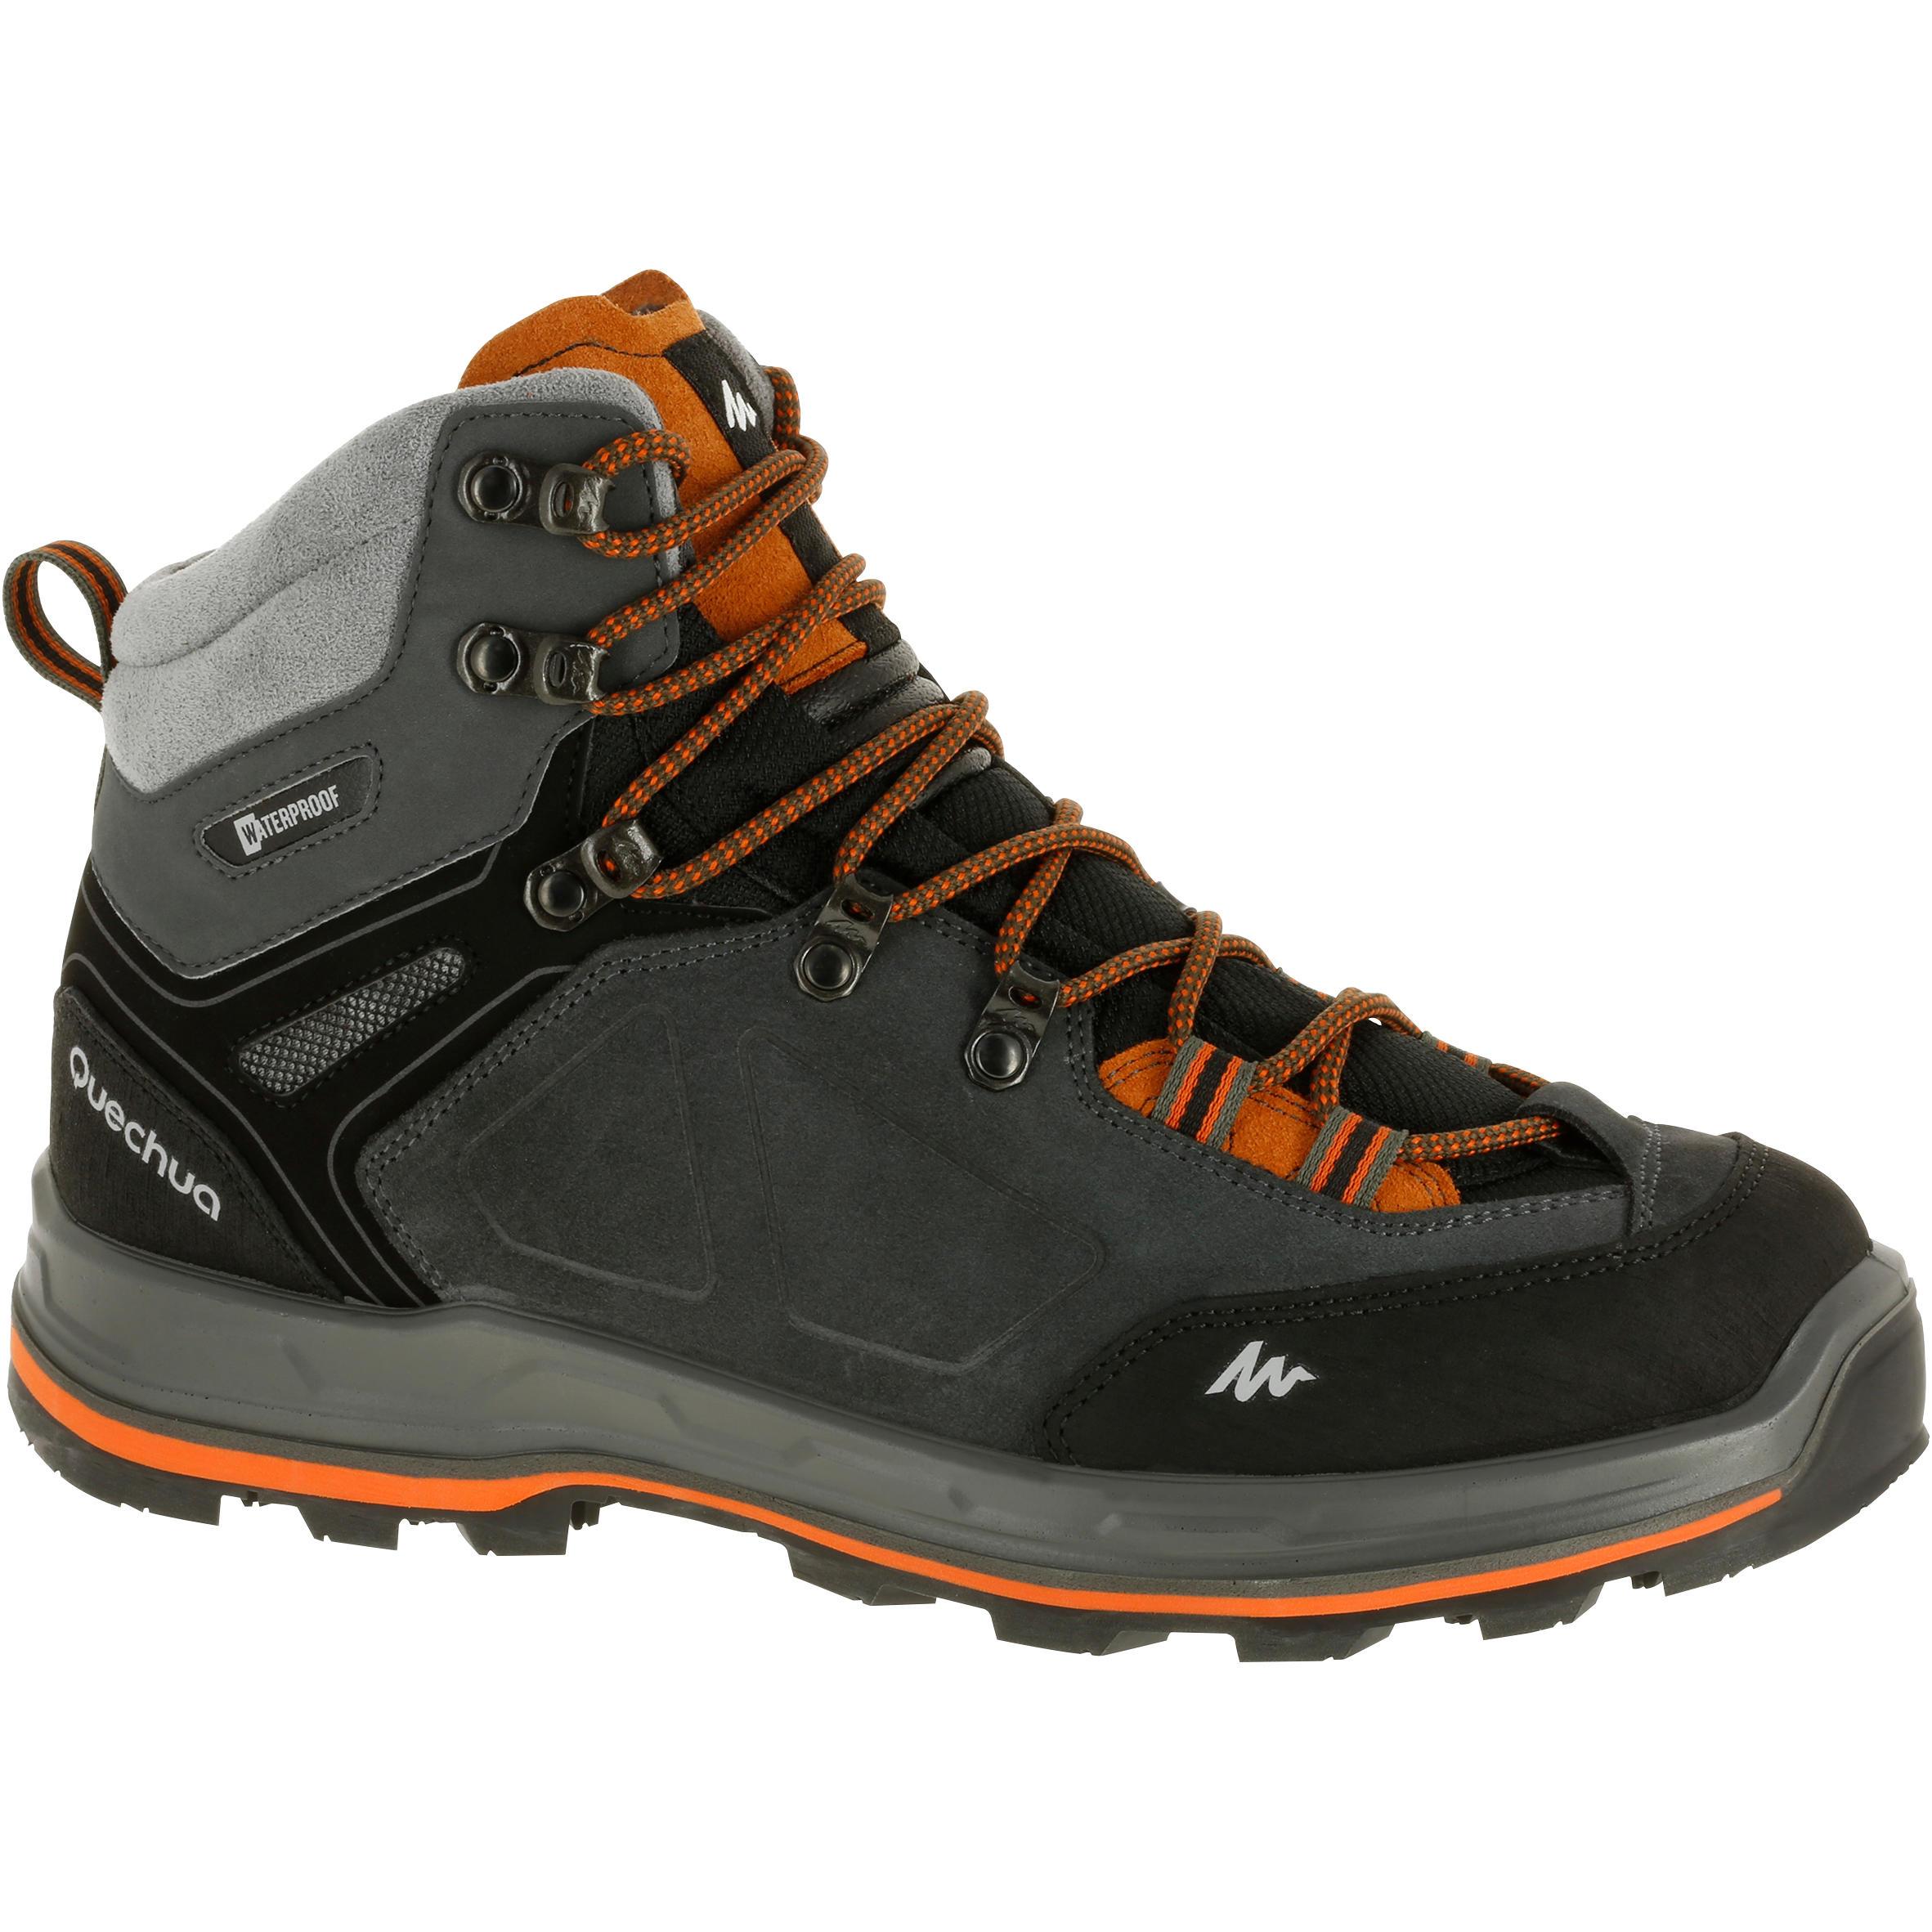 Trekkingschuhe Trek100 Herren Wasserdicht   Schuhe > Outdoorschuhe > Trekkingschuhe   Forclaz